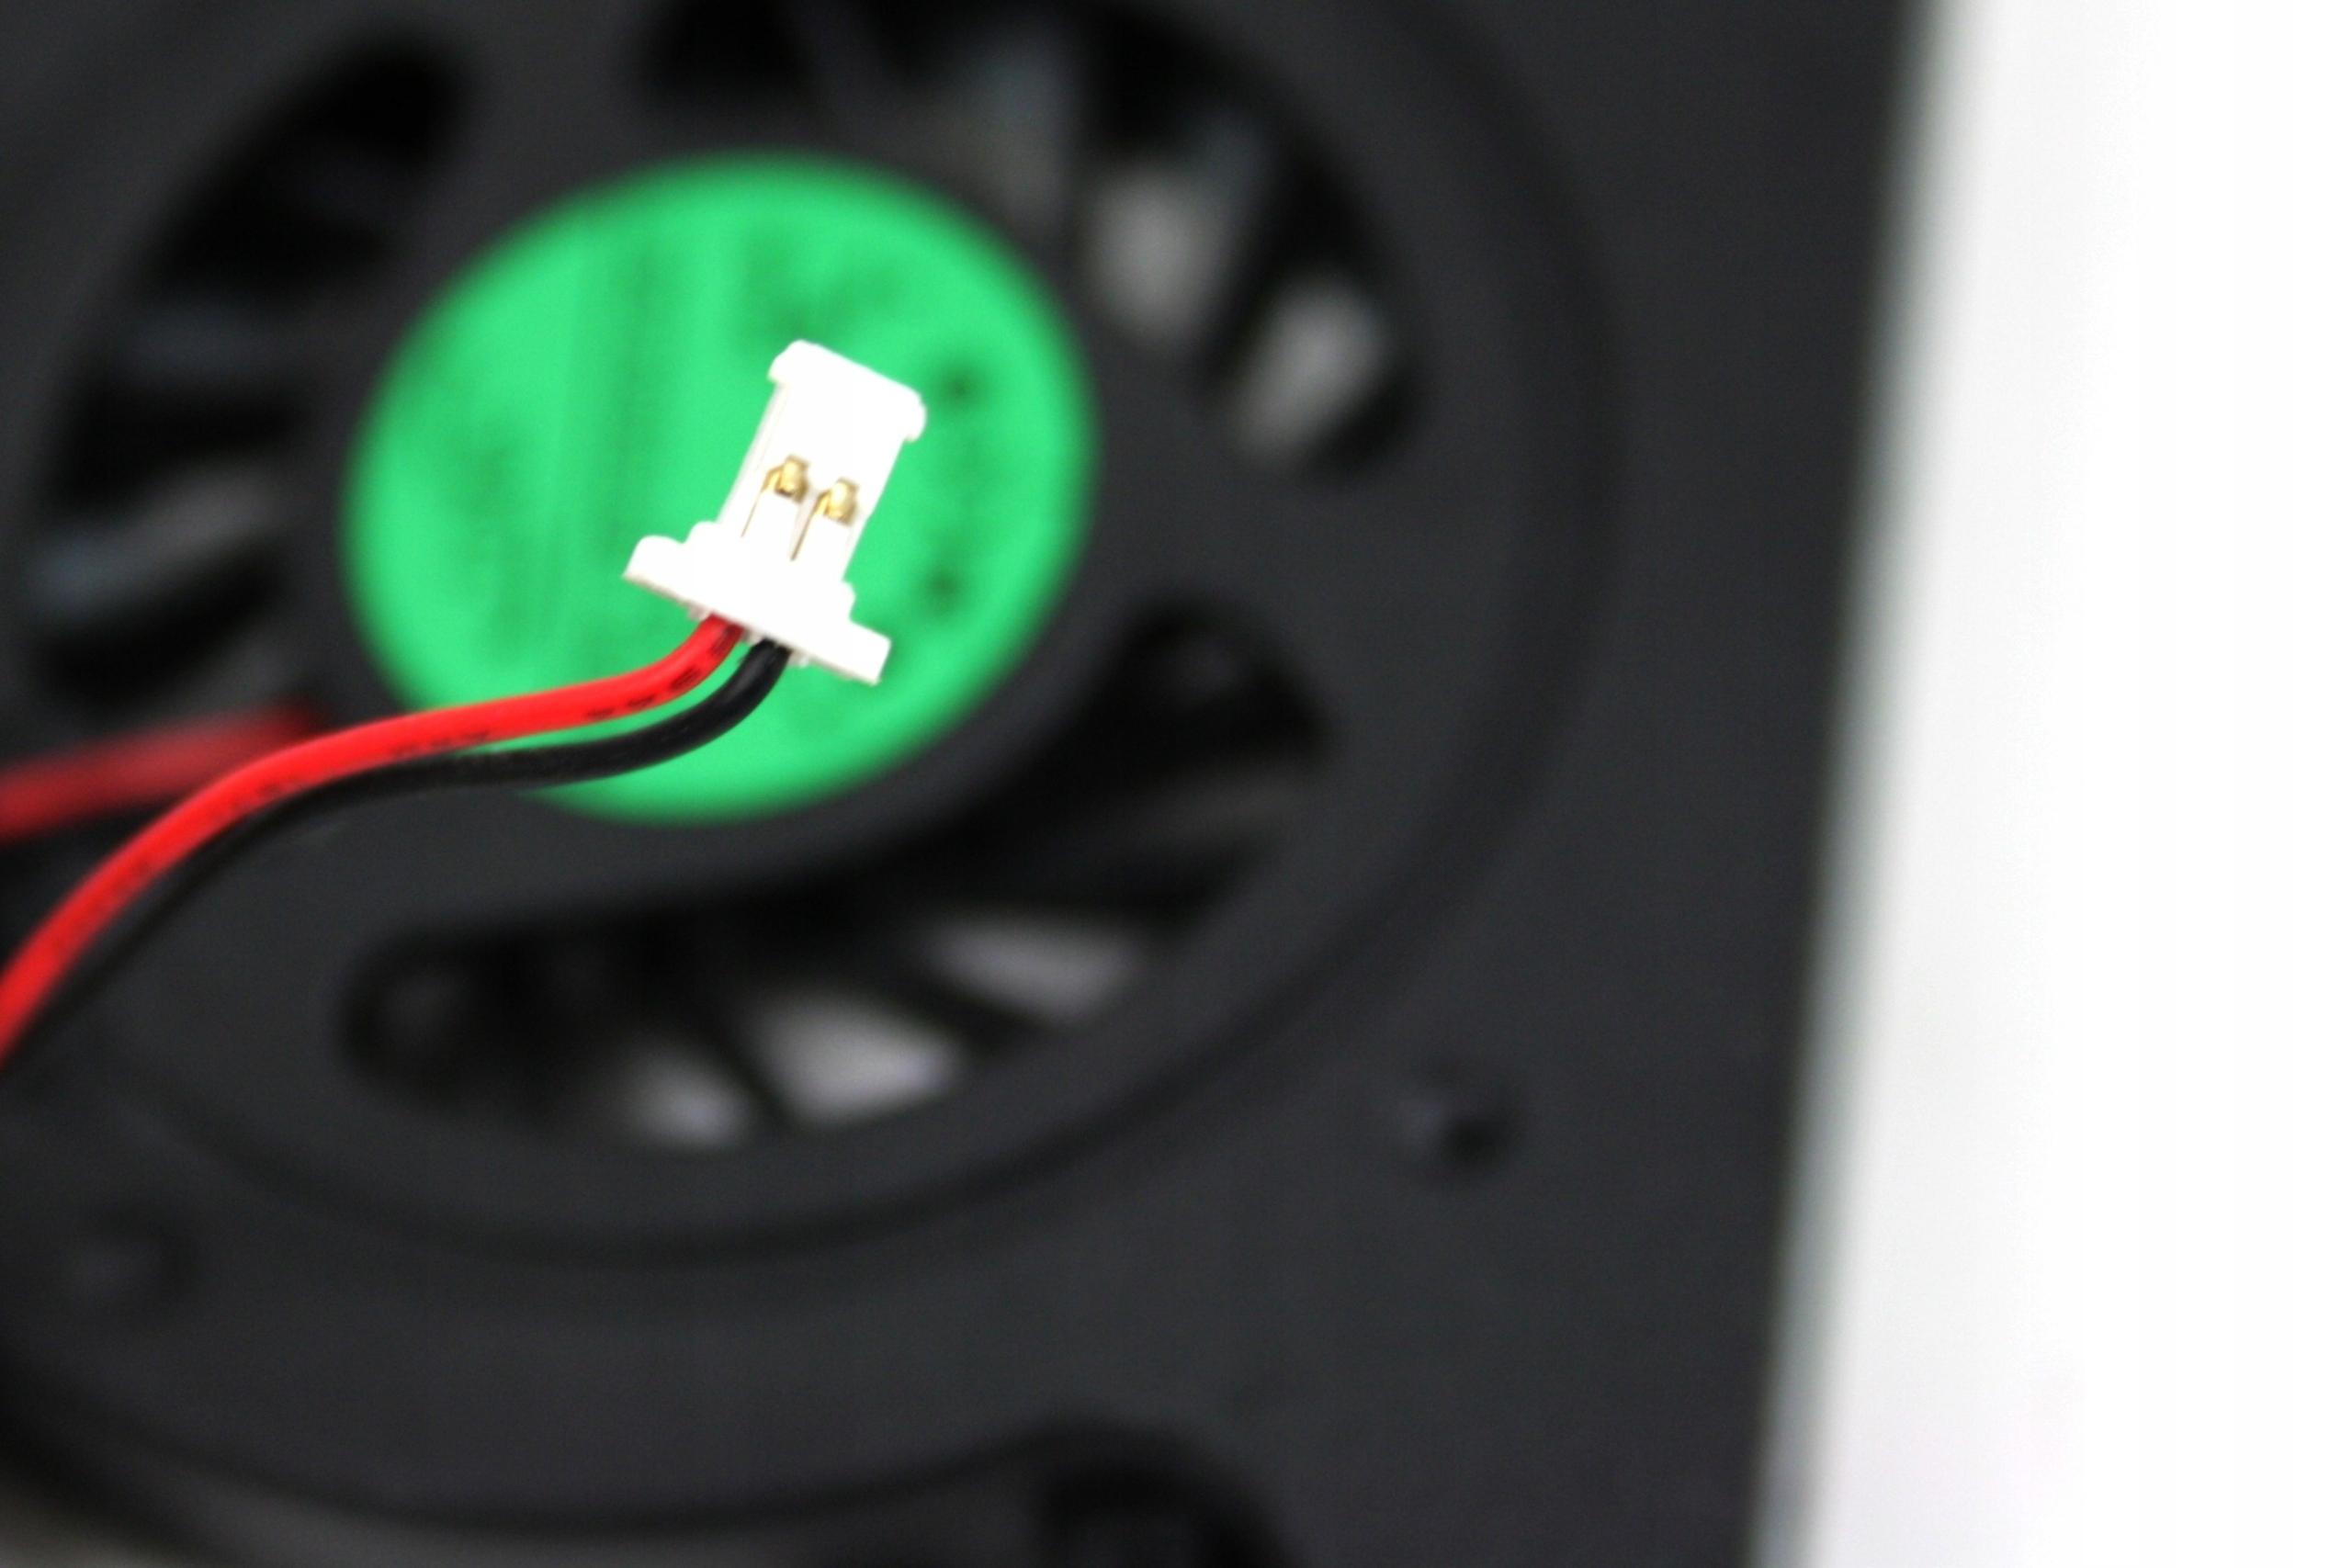 WENTYLATOR CHŁODZENIE WIATRAK HP PAVILION DV4-1000 PRESARIO CQ40 CQ45 - Wentylatory i radiatory